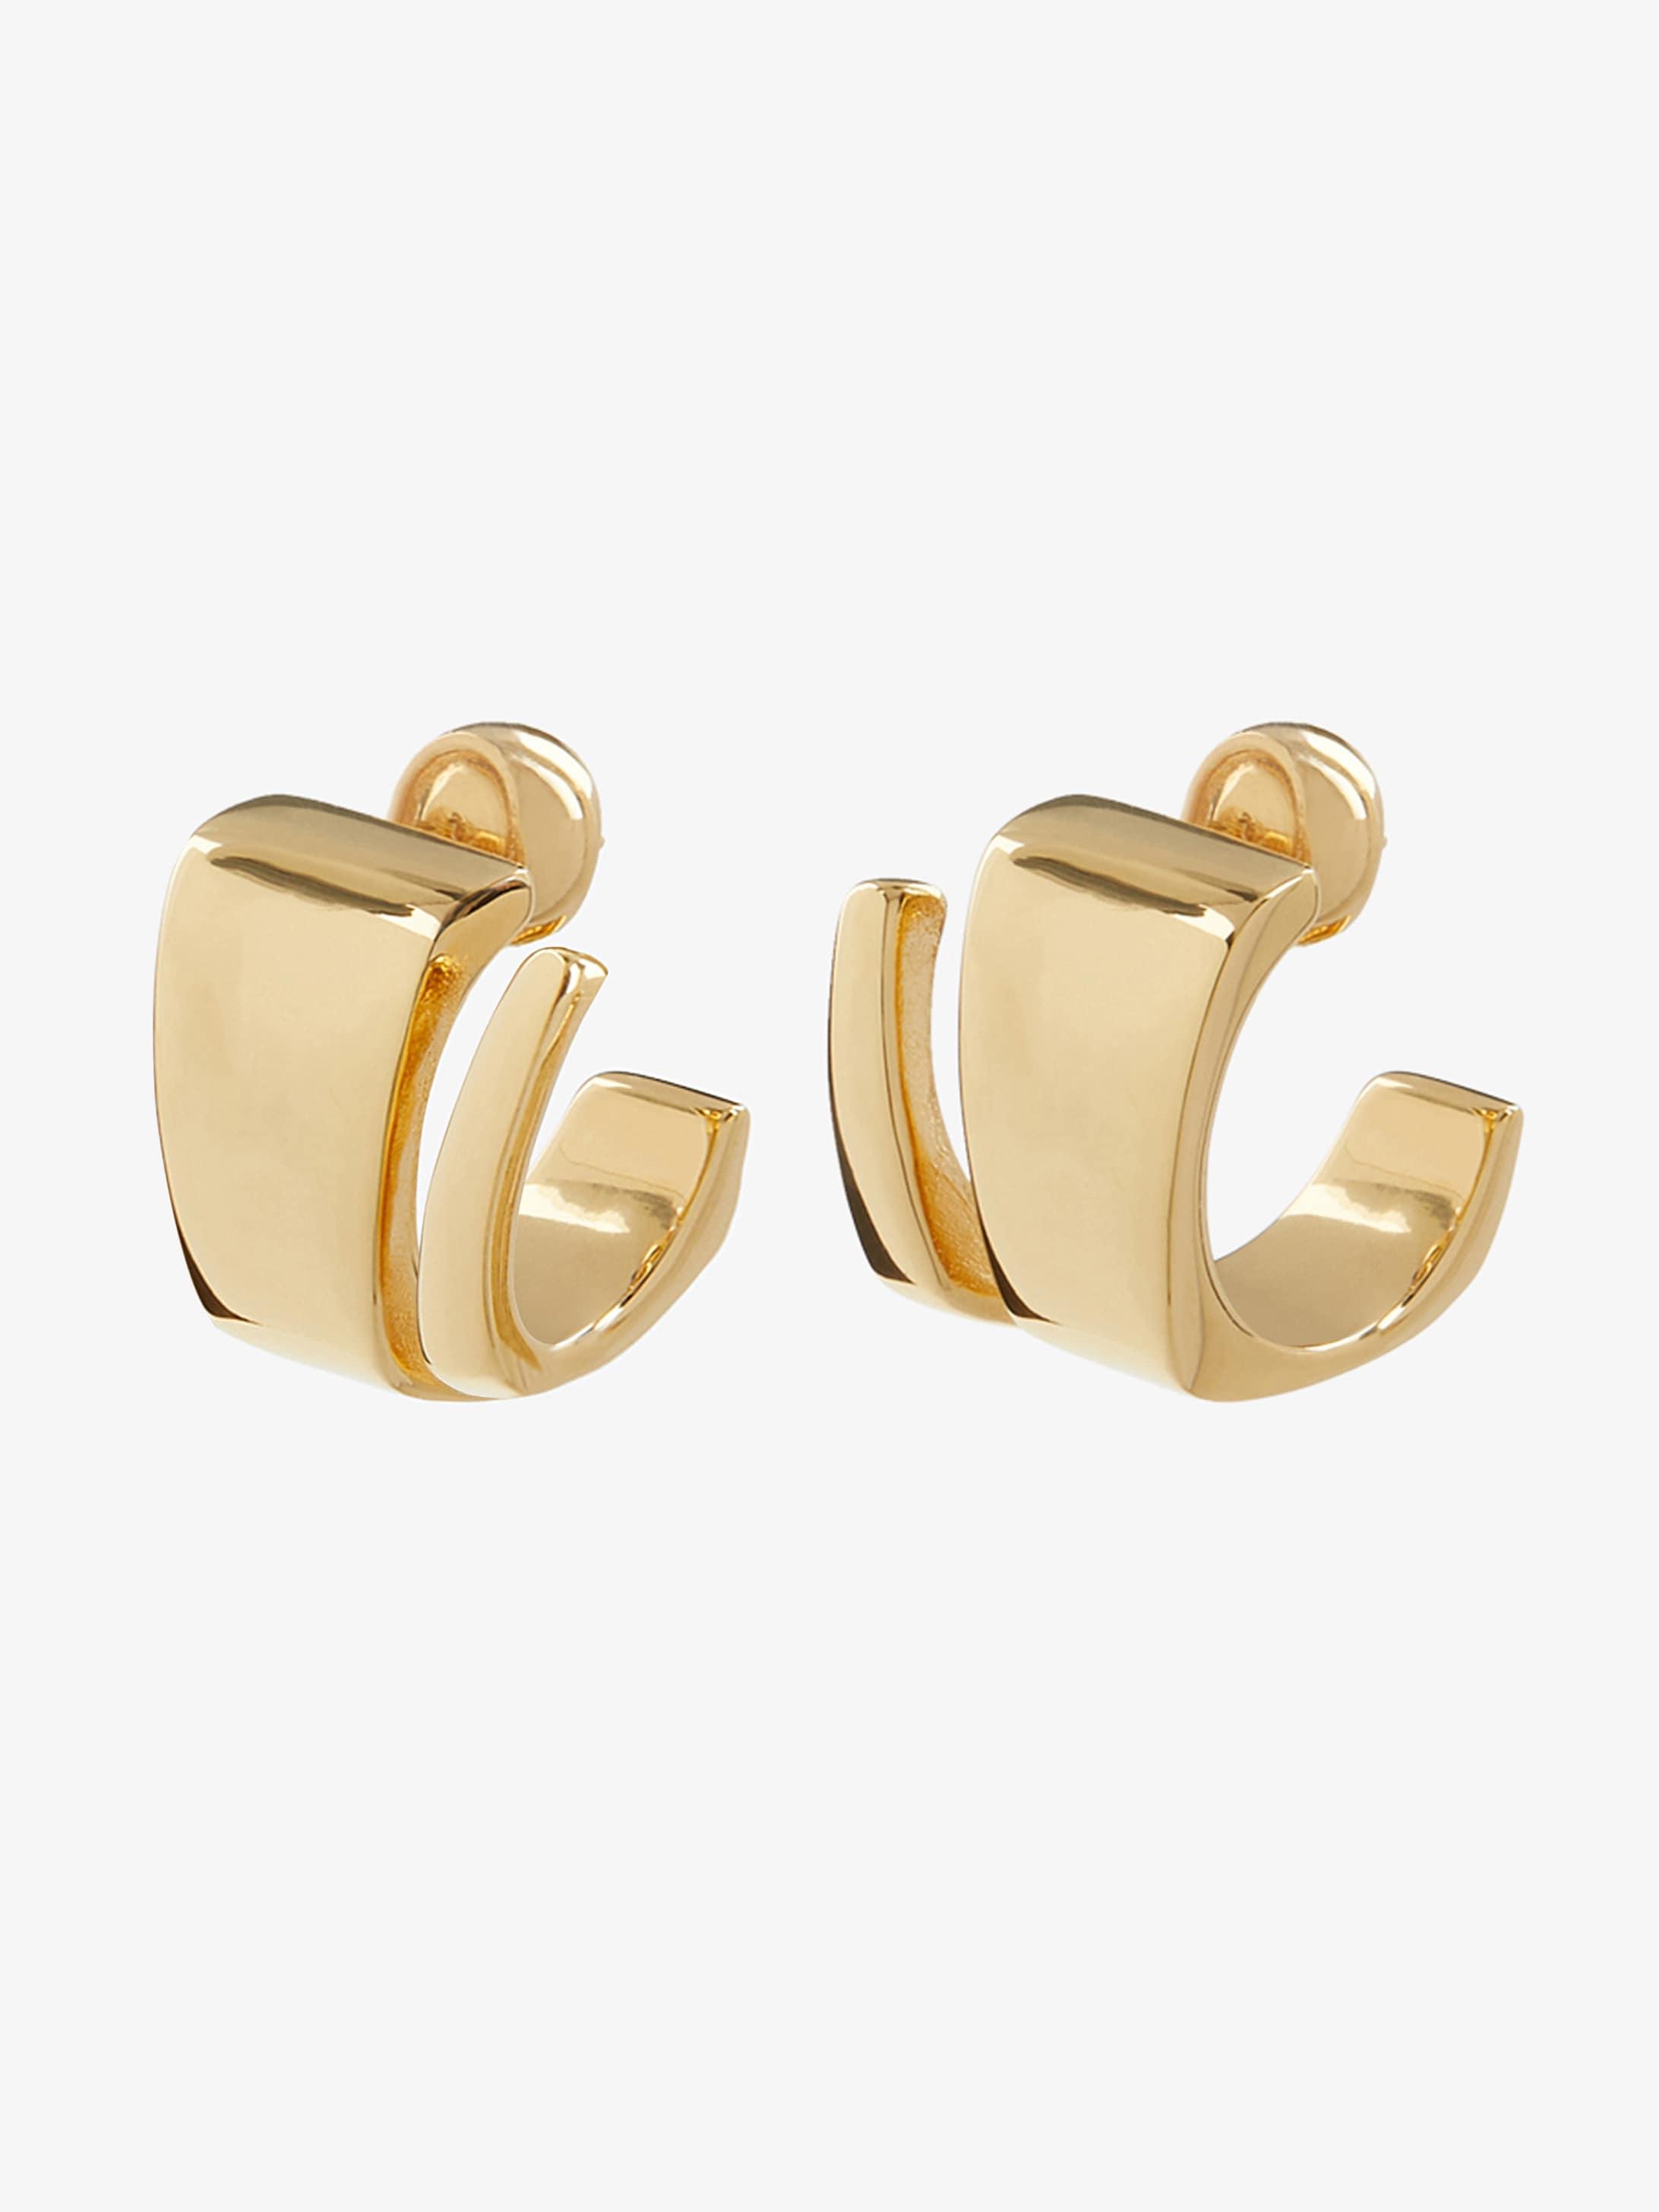 Twist earrings in bronze